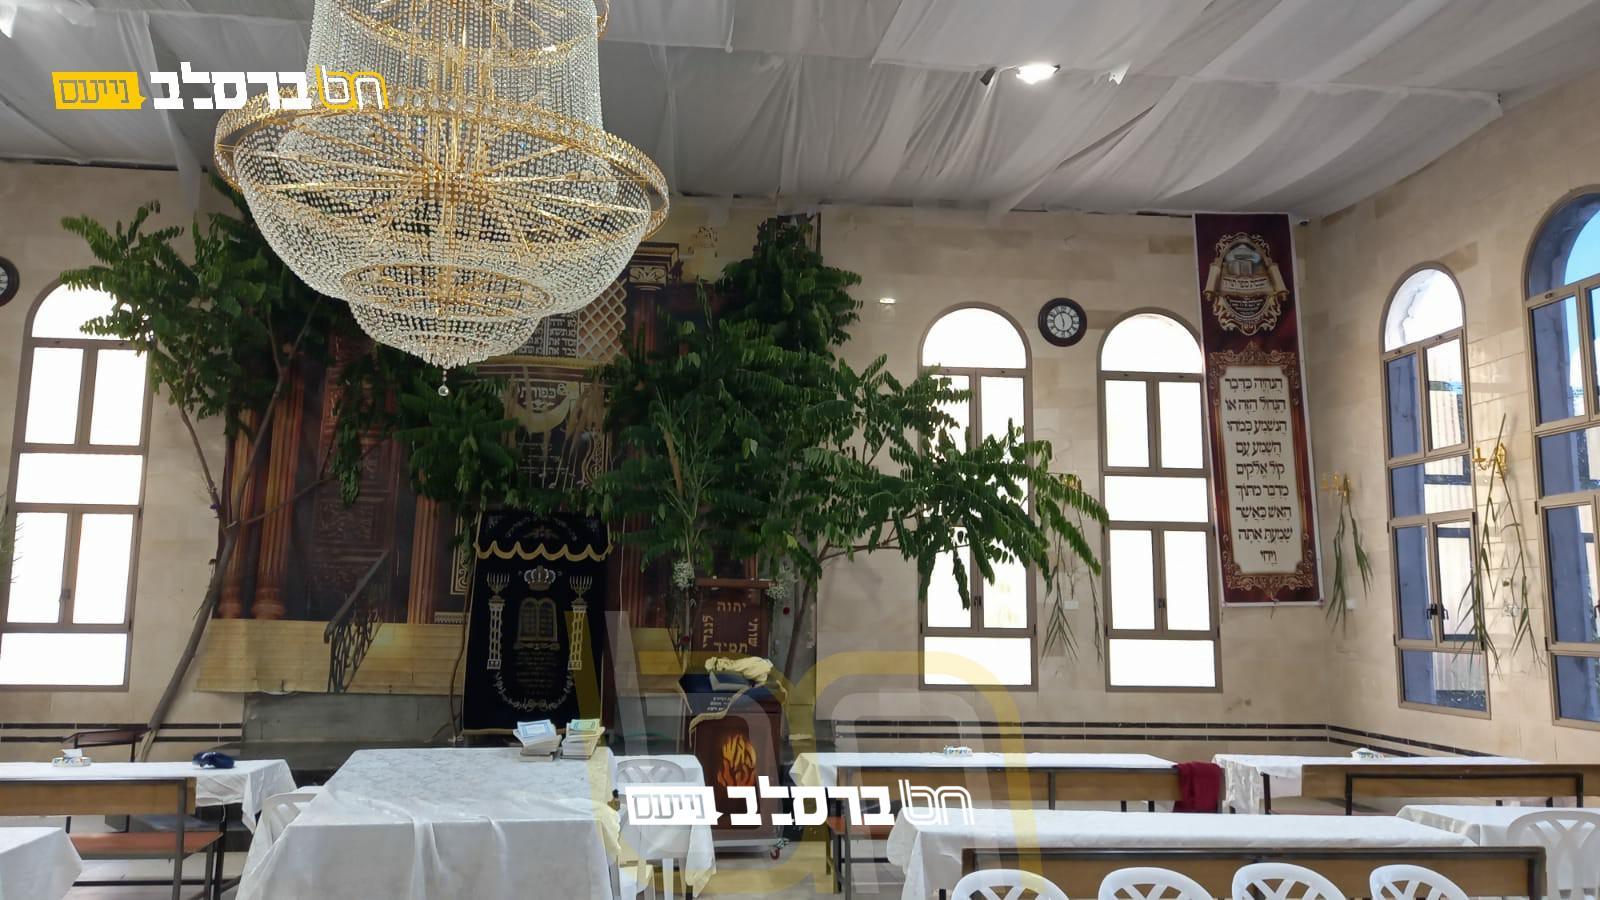 חַג הַשָׁבוּעוֹת הַזֶּה • בית הכנסת 'פאר הנצח' בצפת מקושט לקראת החג